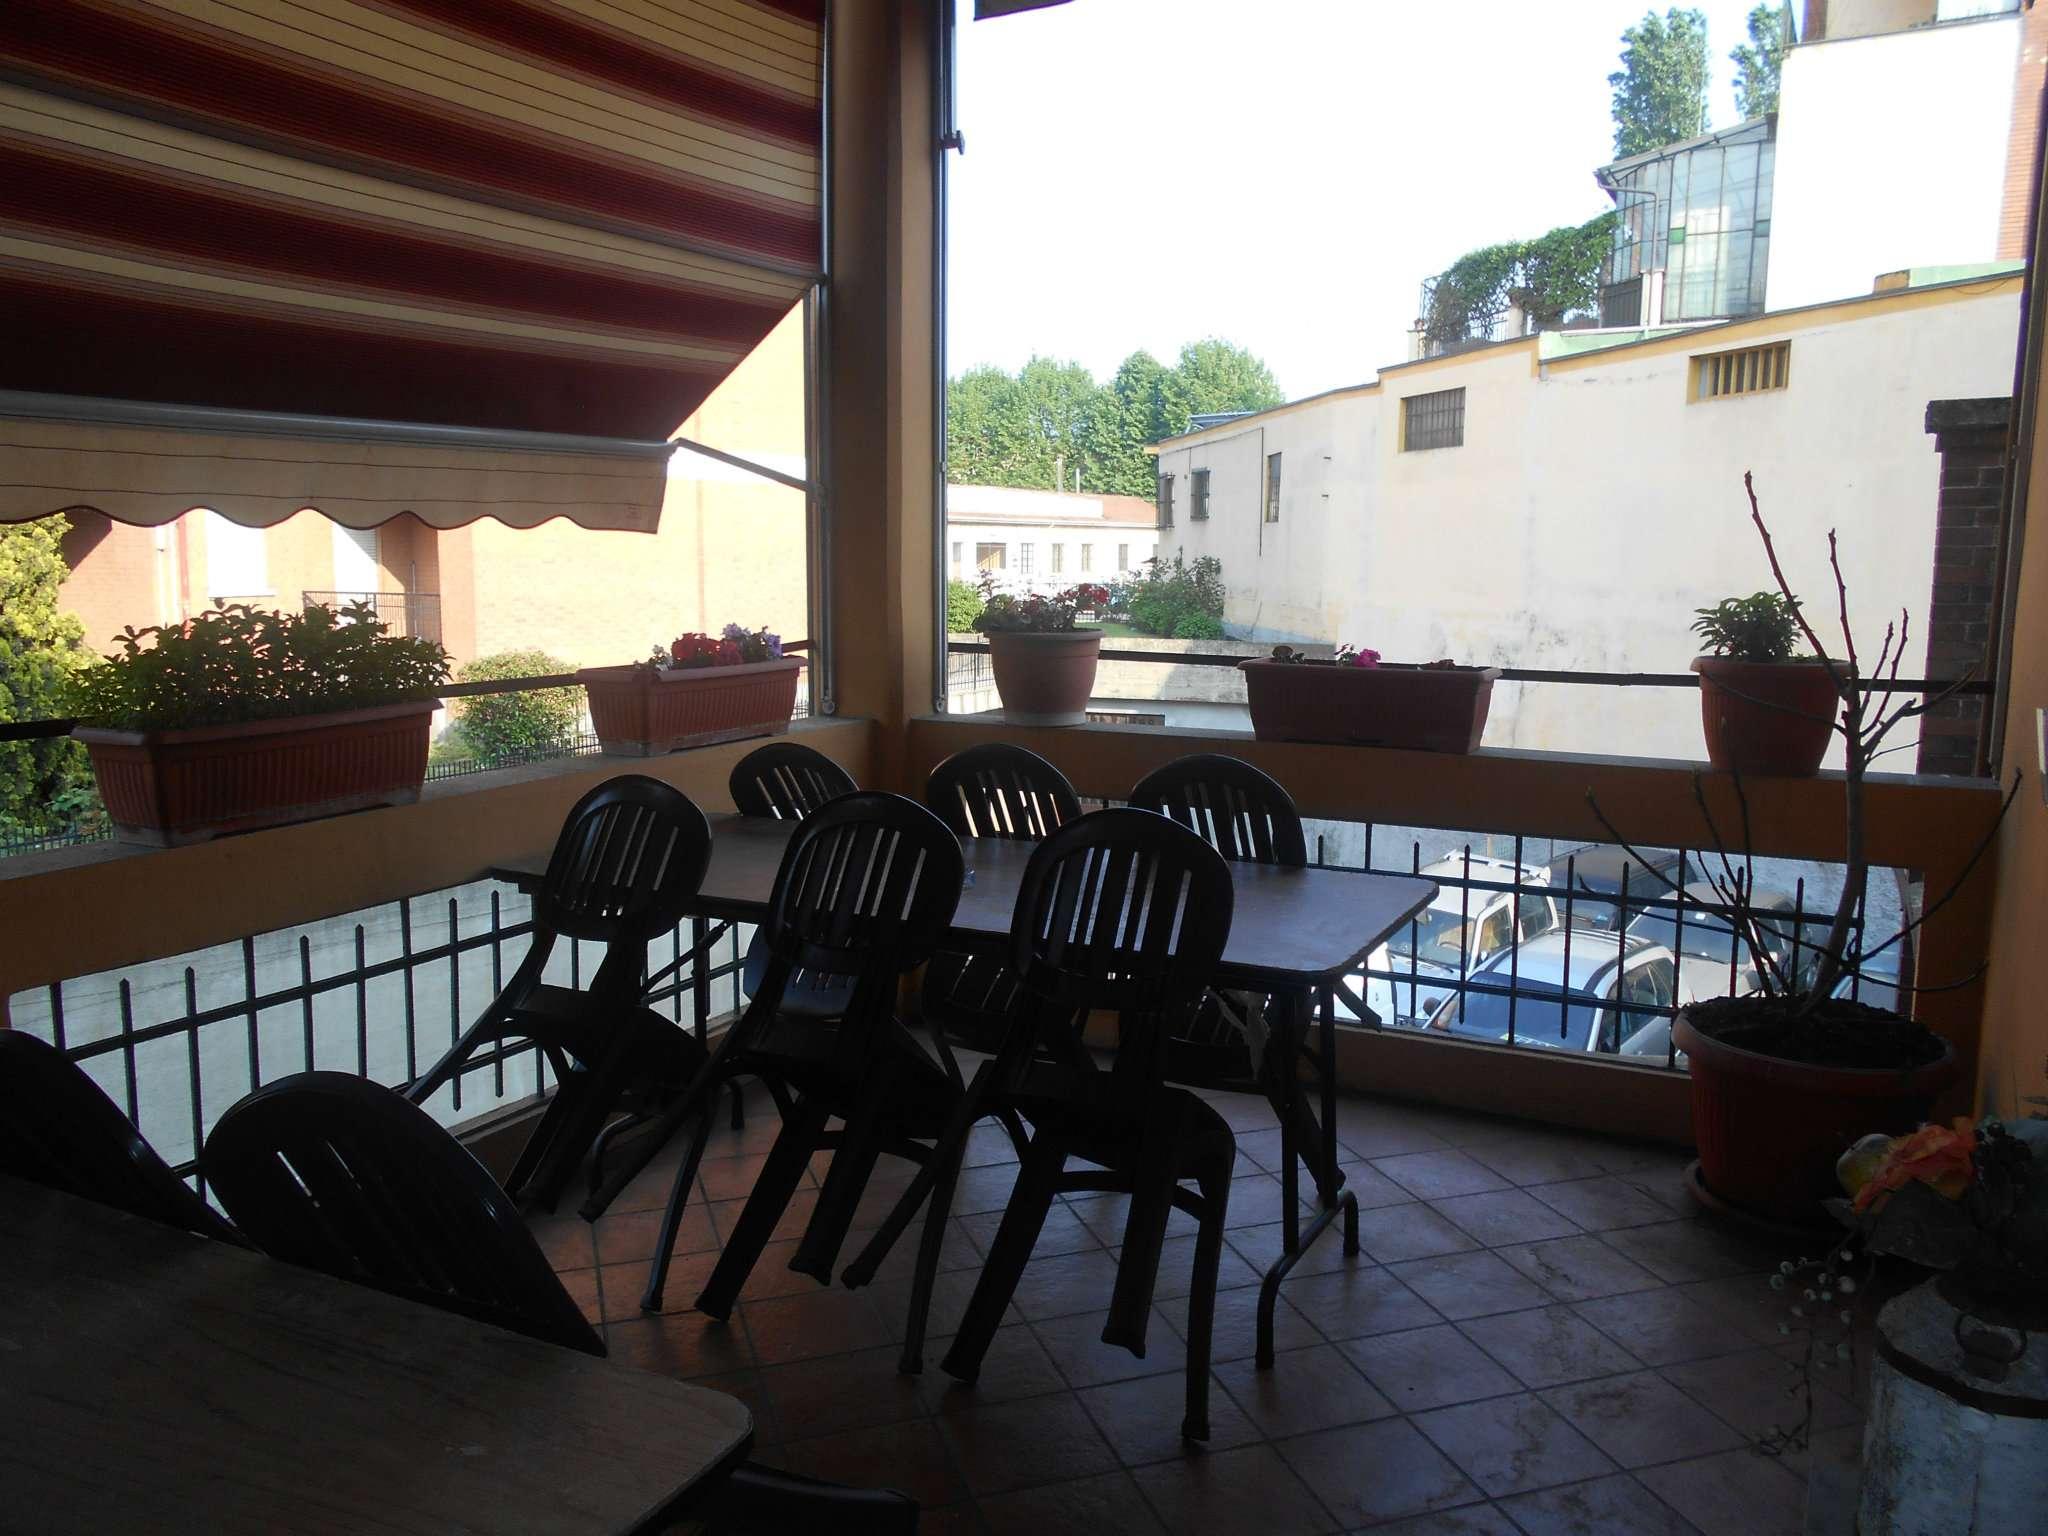 Ristorante / Pizzeria / Trattoria in vendita a Moncalieri, 10 locali, prezzo € 120.000 | CambioCasa.it